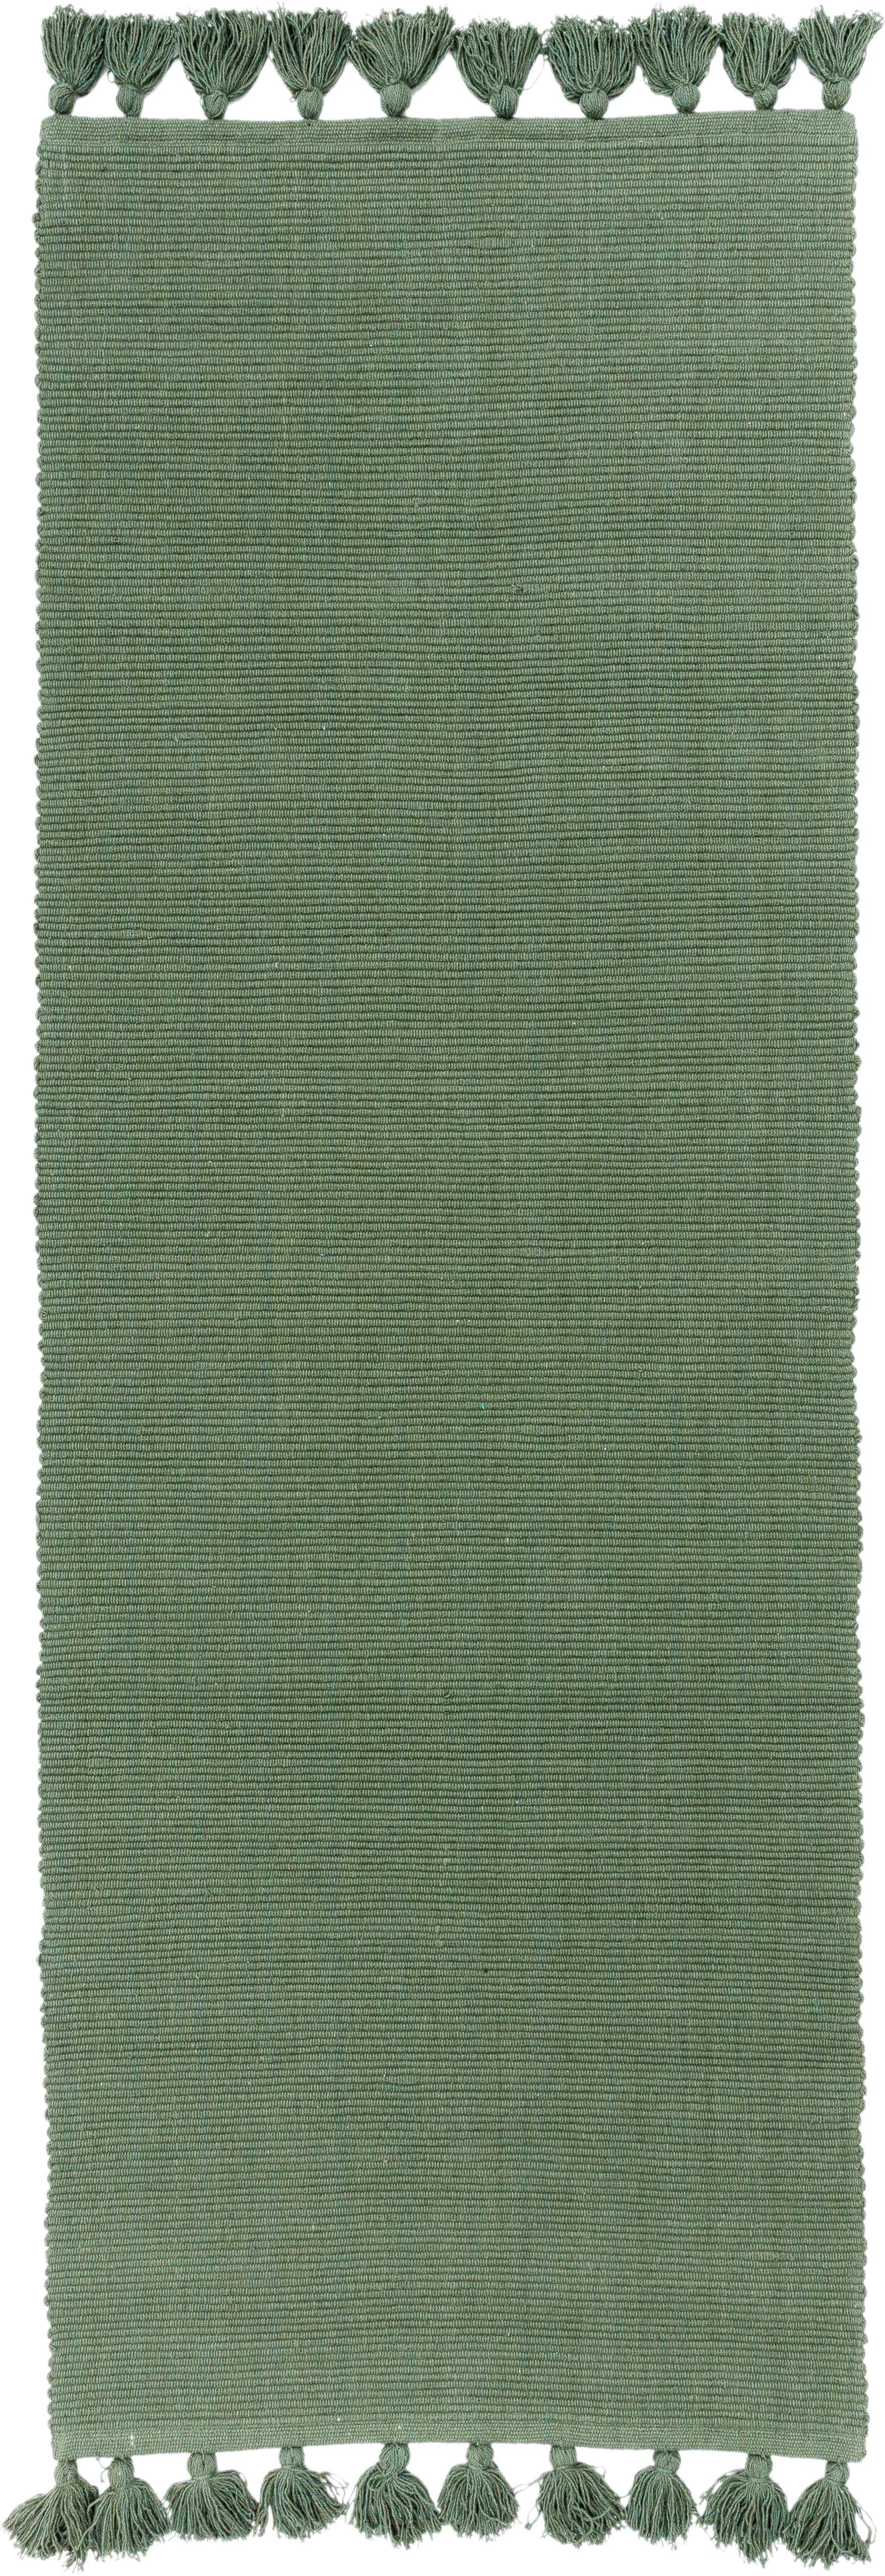 Chodnik z chwostami Homer, Bawełna, Zielony leśny, S 70 x D 216 cm